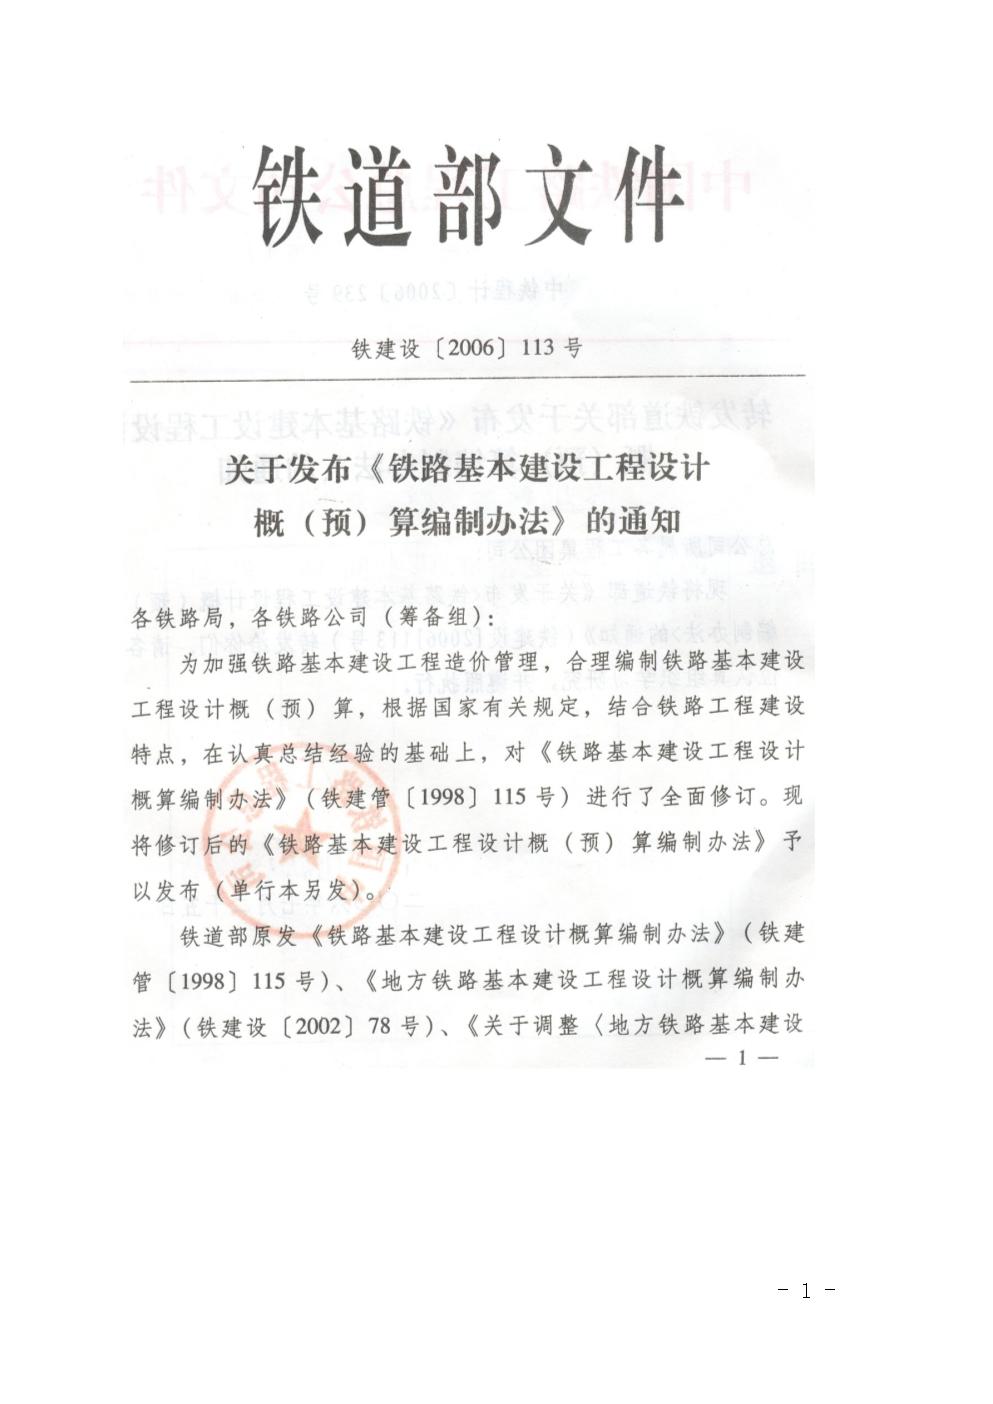 铁路工程概预算编制办法铁建设2006113号文终